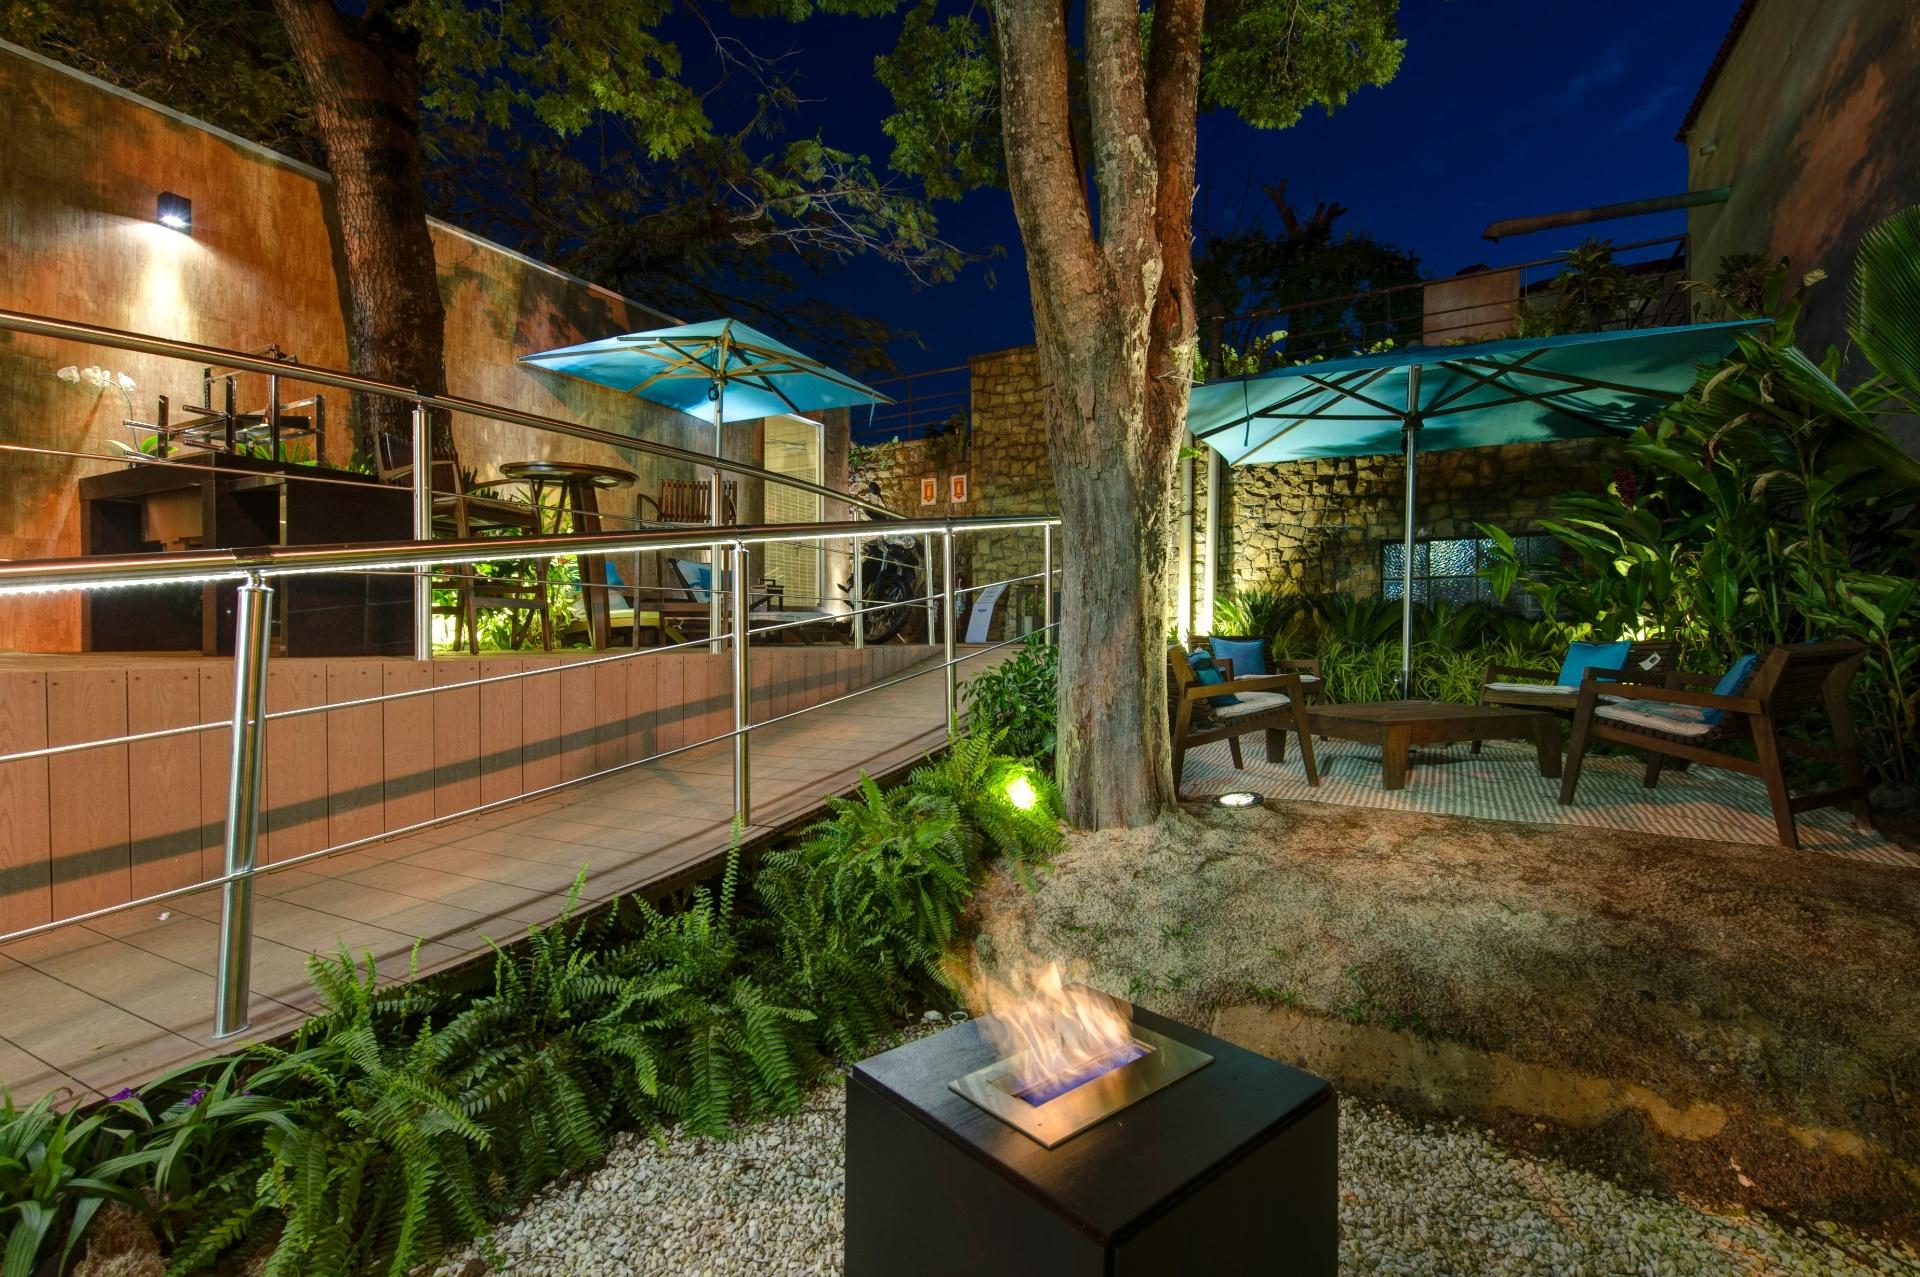 O Chalé do Velejador, projeto da arquiteta Selma Tammaro, conta também com uma área externa de lazer com jardim e espaço gourmet. Destaque para a lareira (em primeiro plano). A 27ª Casa Cor SP segue até dia 21 de julho de 2013, no Jockey Club de São Paulo